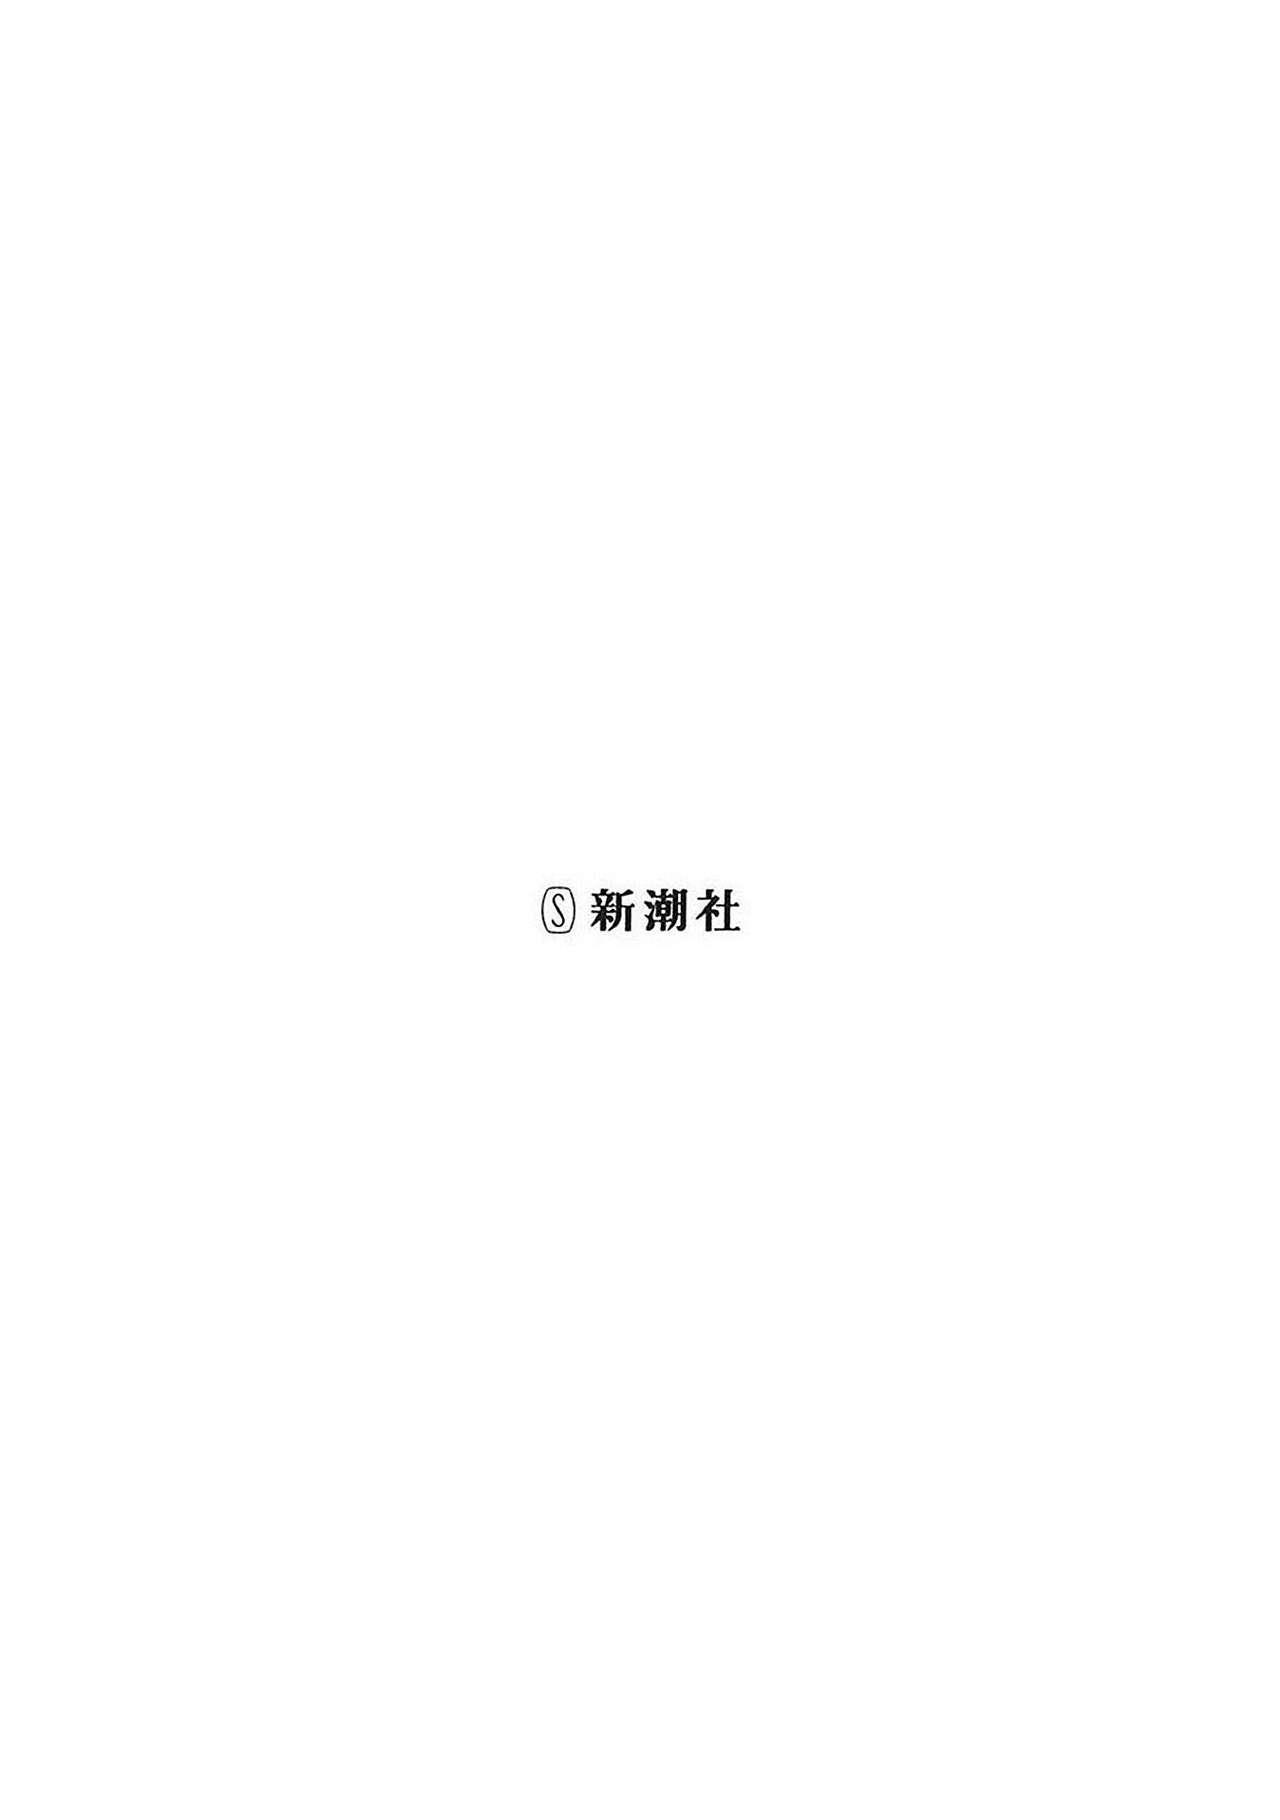 JK Haru wa Isekai de Shoufu ni Natta 1-14 349